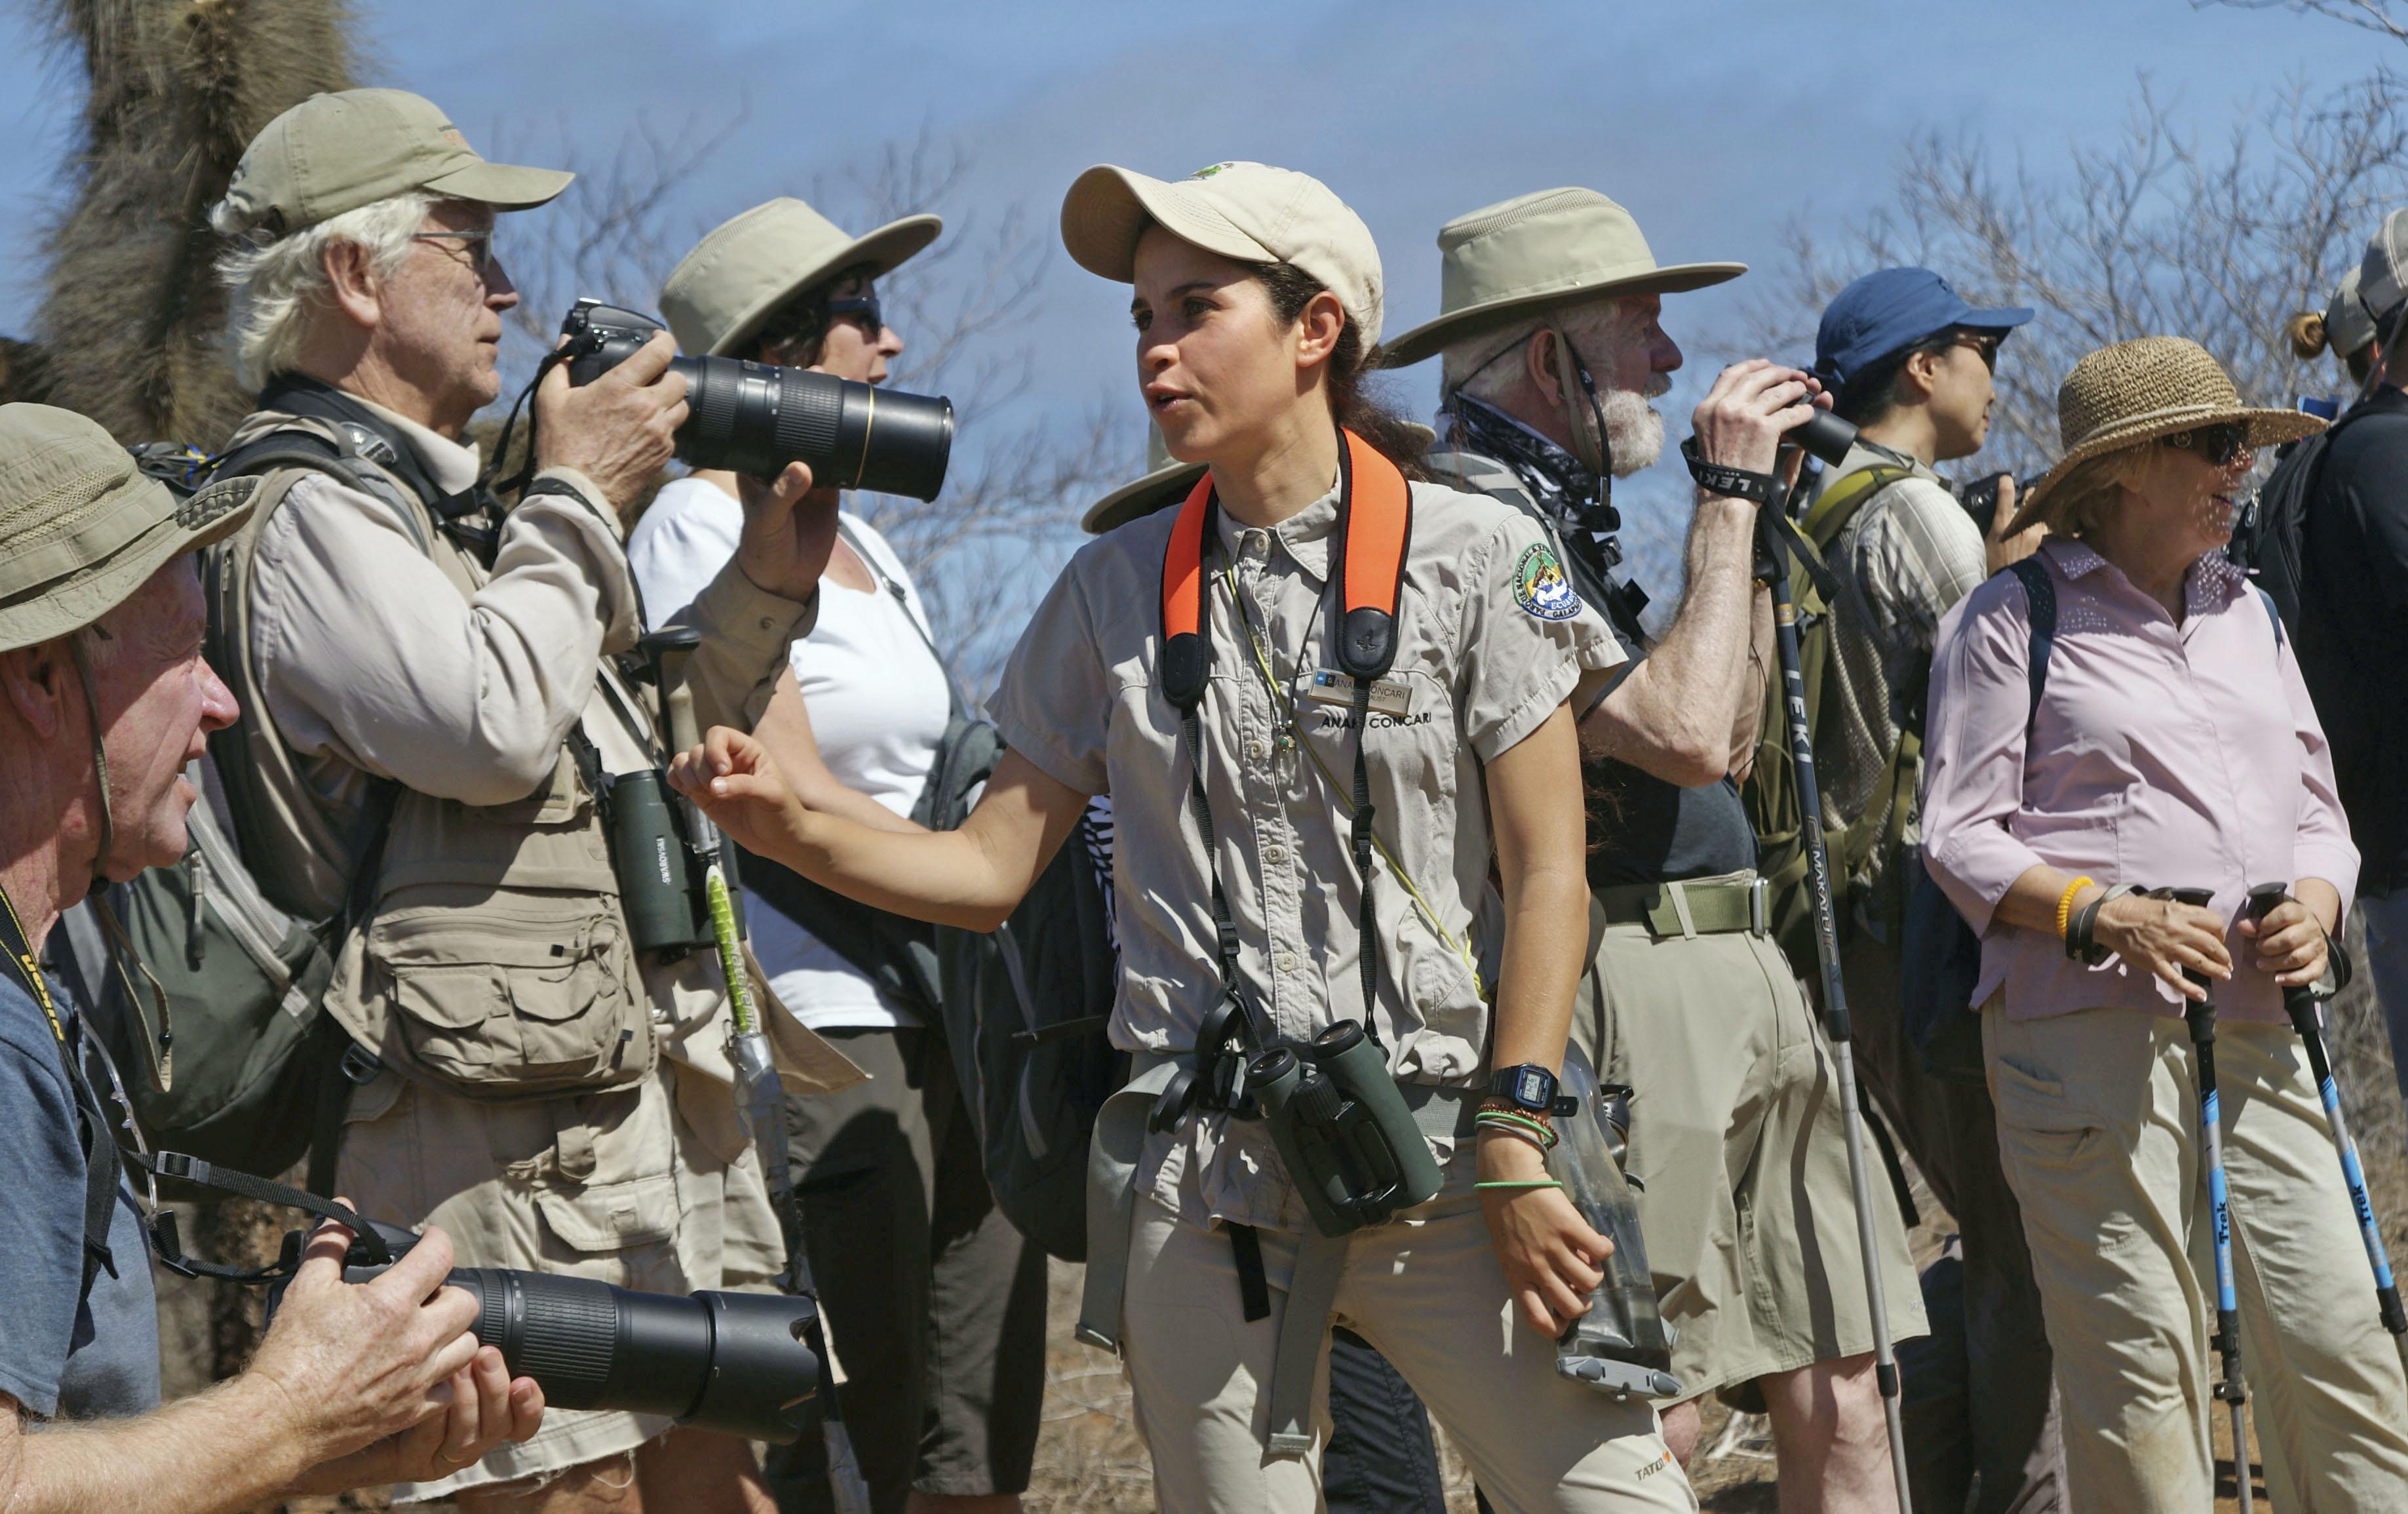 観光客にガラパゴスの自然の価値を説くアナイー・コンカリ(中央)。地元で育った若いナチュラリストだ=11月、ガラパゴス諸島サンクリストバル島(共同)